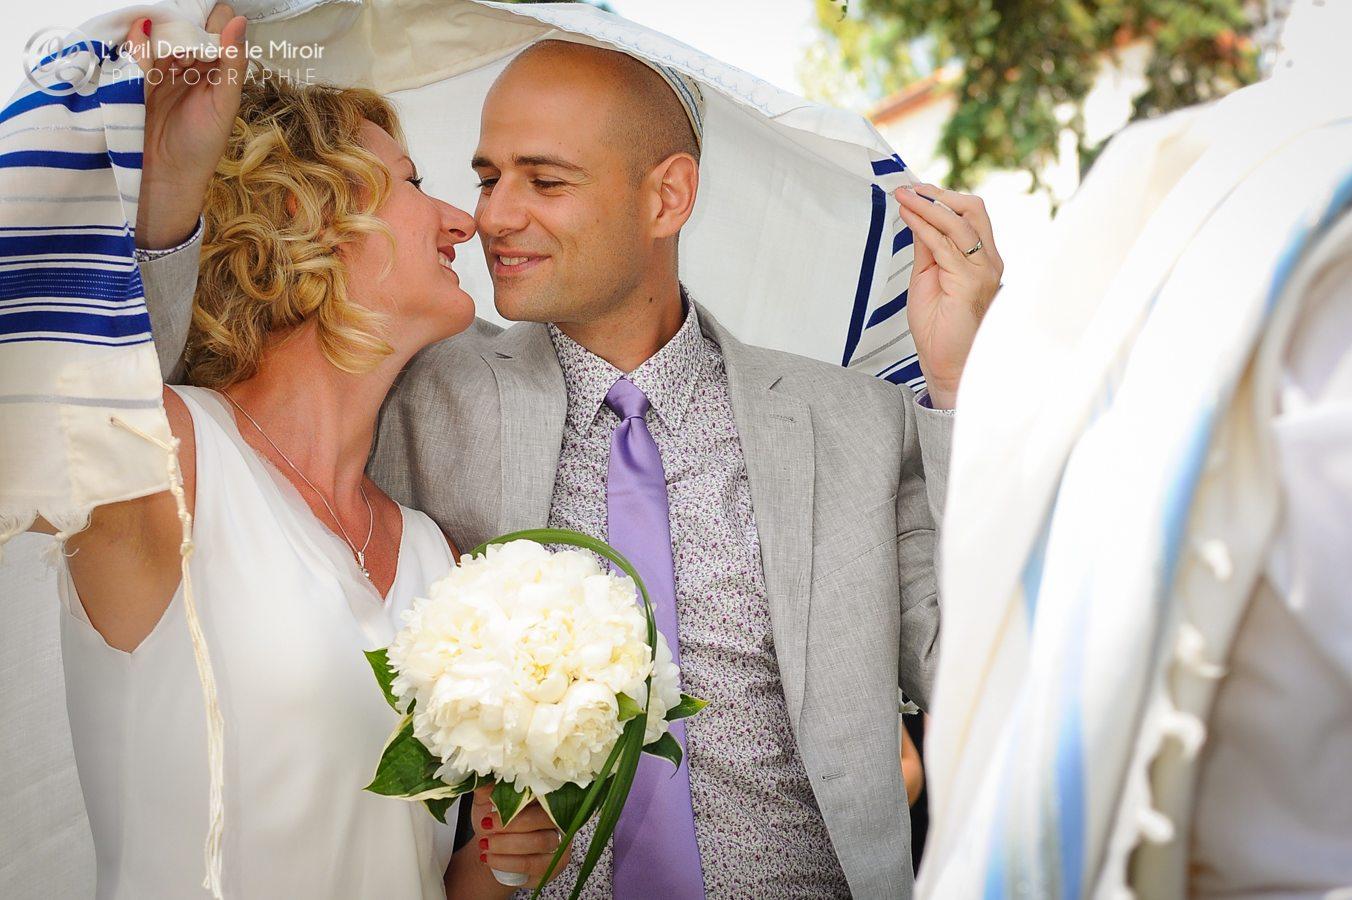 magnifique crmonie de mariage juif avec larissa fabien - Photographe Mariage Juif